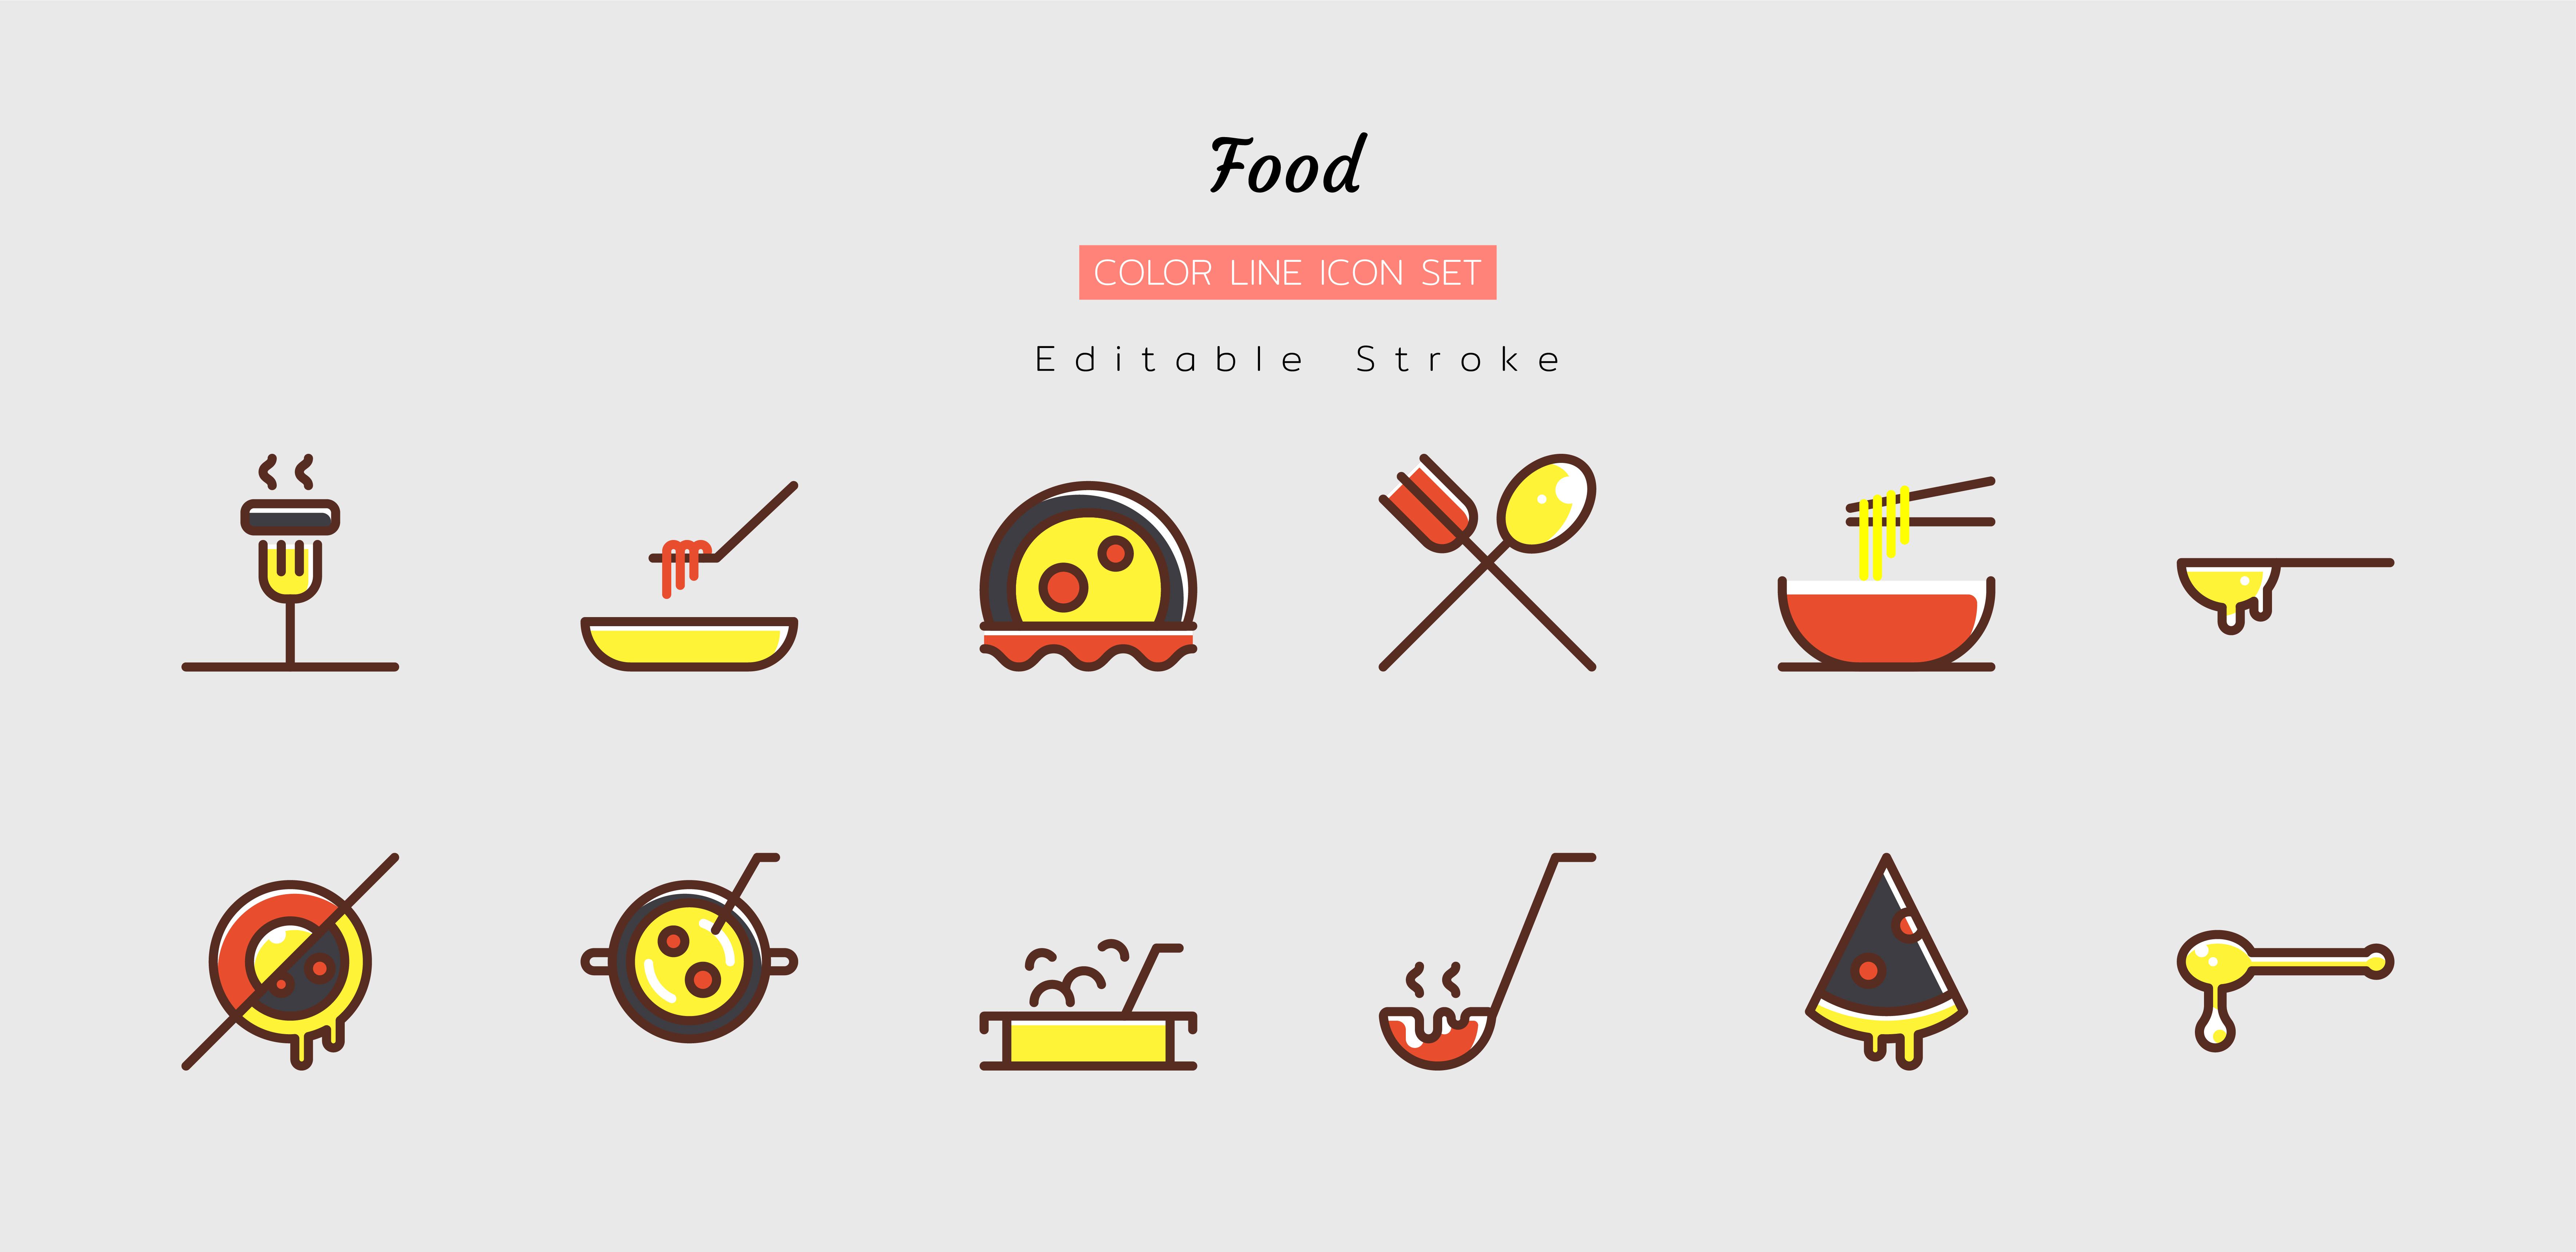 Filled color line food icon symbol set